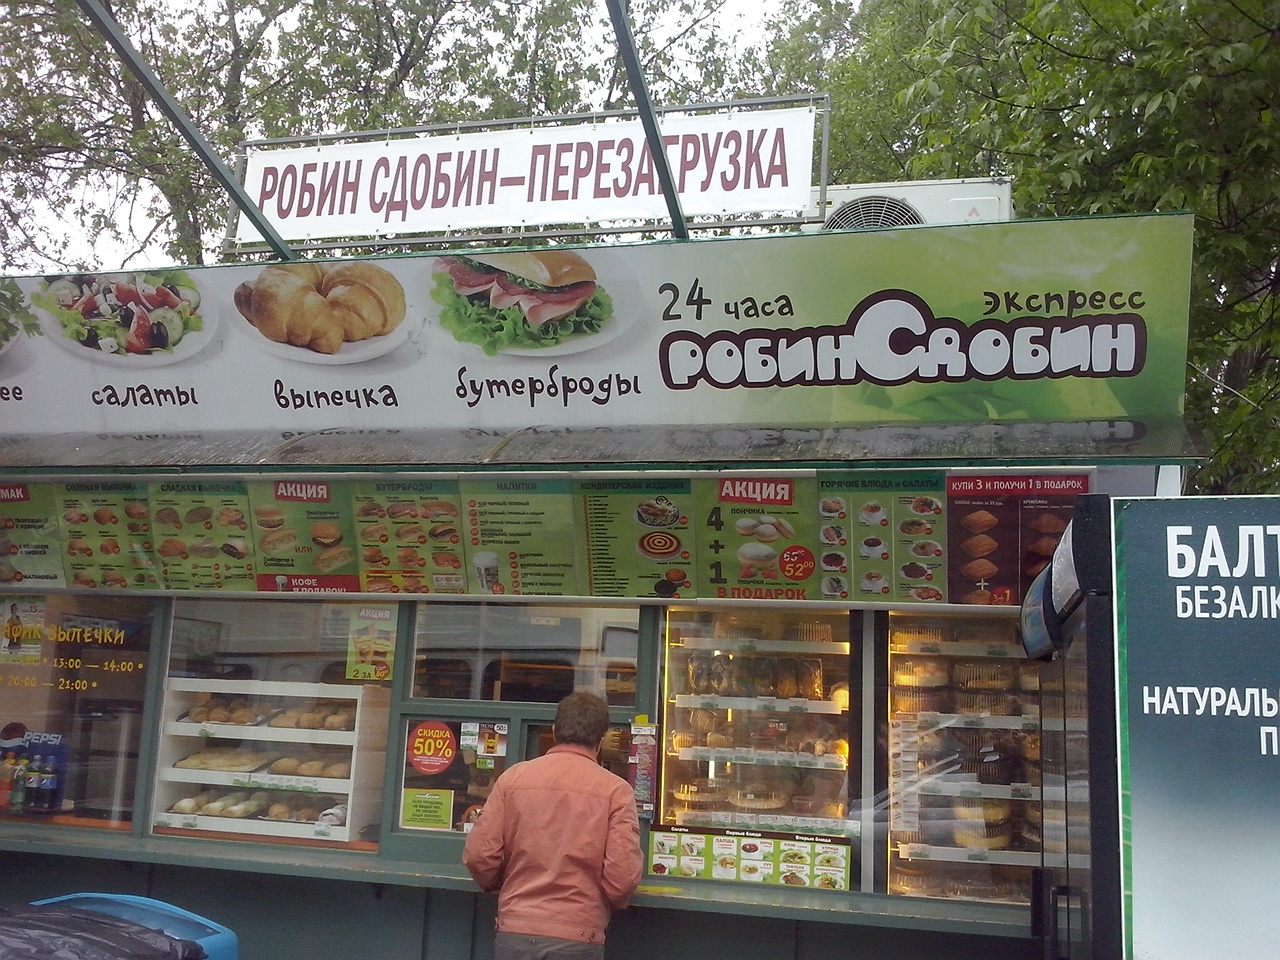 закрытым лицом фото рецепт славянский из робина сдобина шильдик любимом